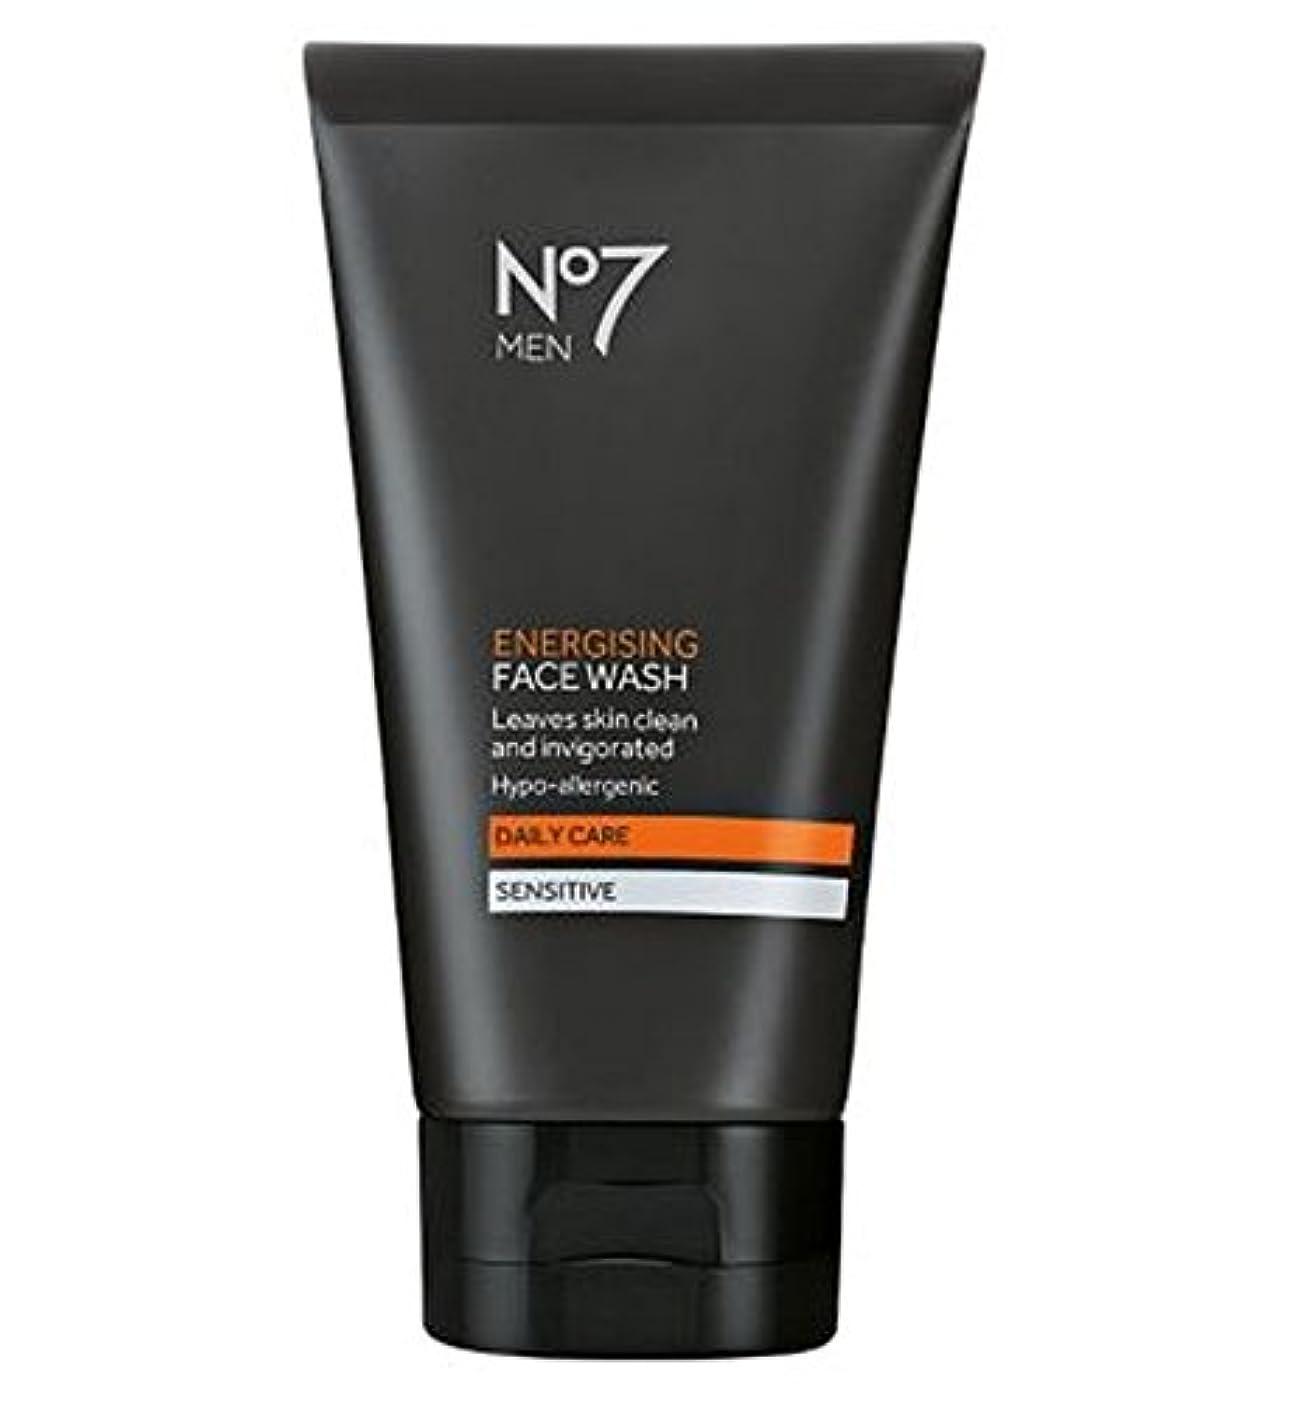 カテゴリー命令委託No7 Men Energising Face Wash 150ml - 洗顔料の150ミリリットルを通電No7の男性 (No7) [並行輸入品]